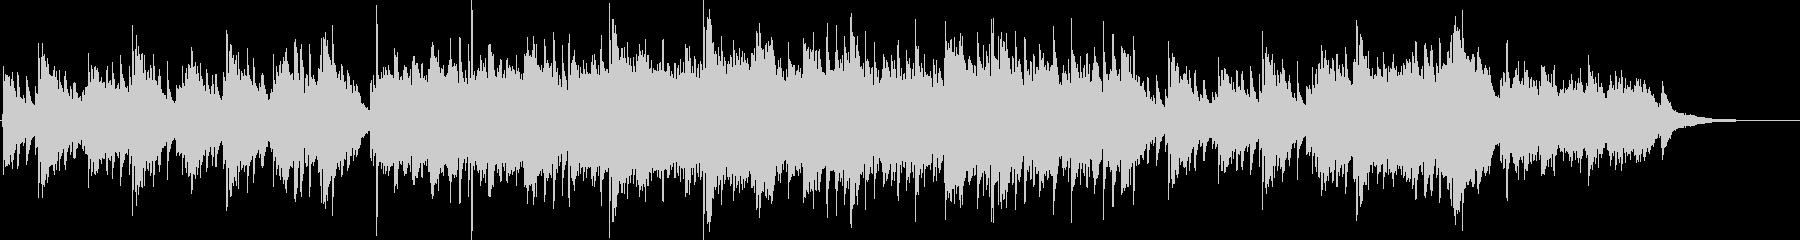 ピアノとストリングスの優しい曲04の未再生の波形